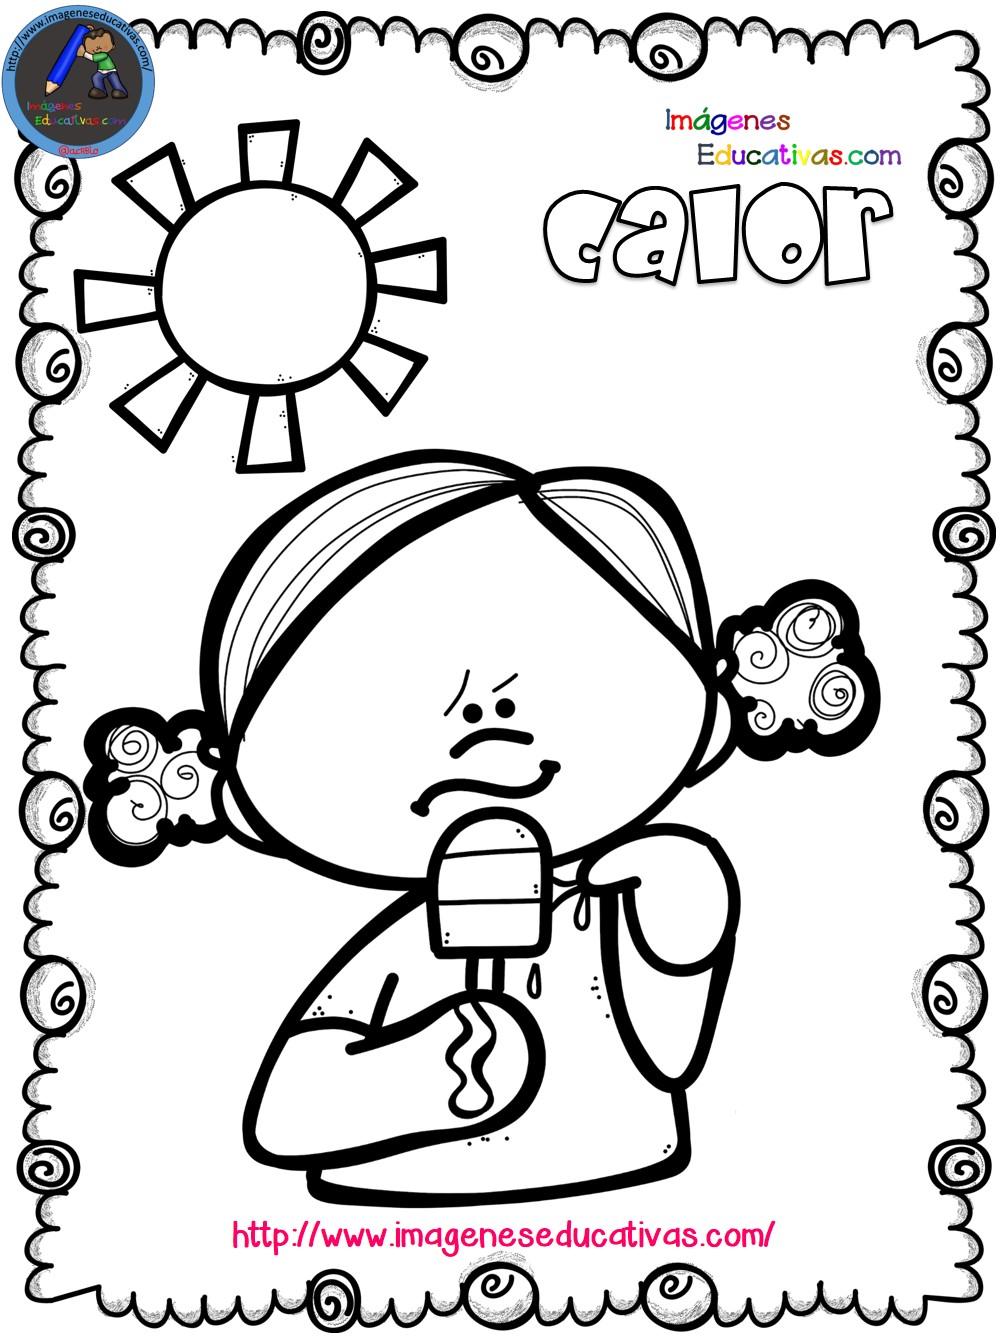 Mi libro para colorear en verano (8) - Imagenes Educativas